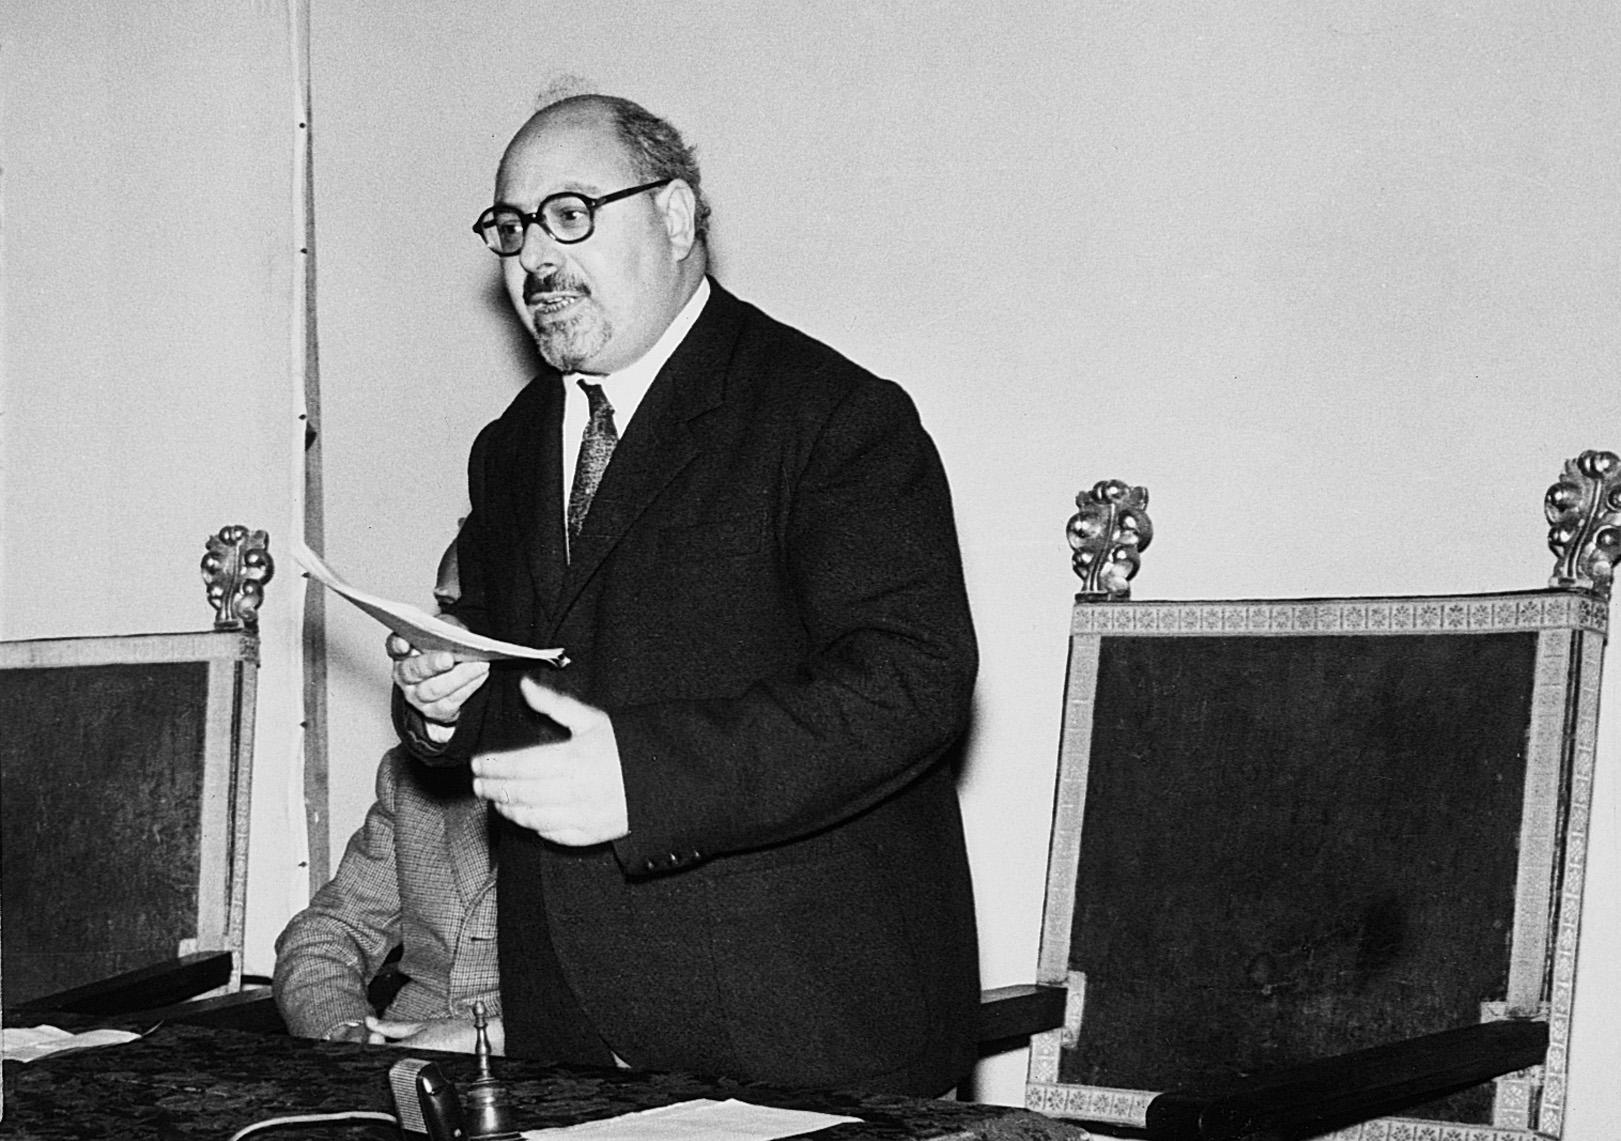 Giorgio Cencetti (1908-1970)